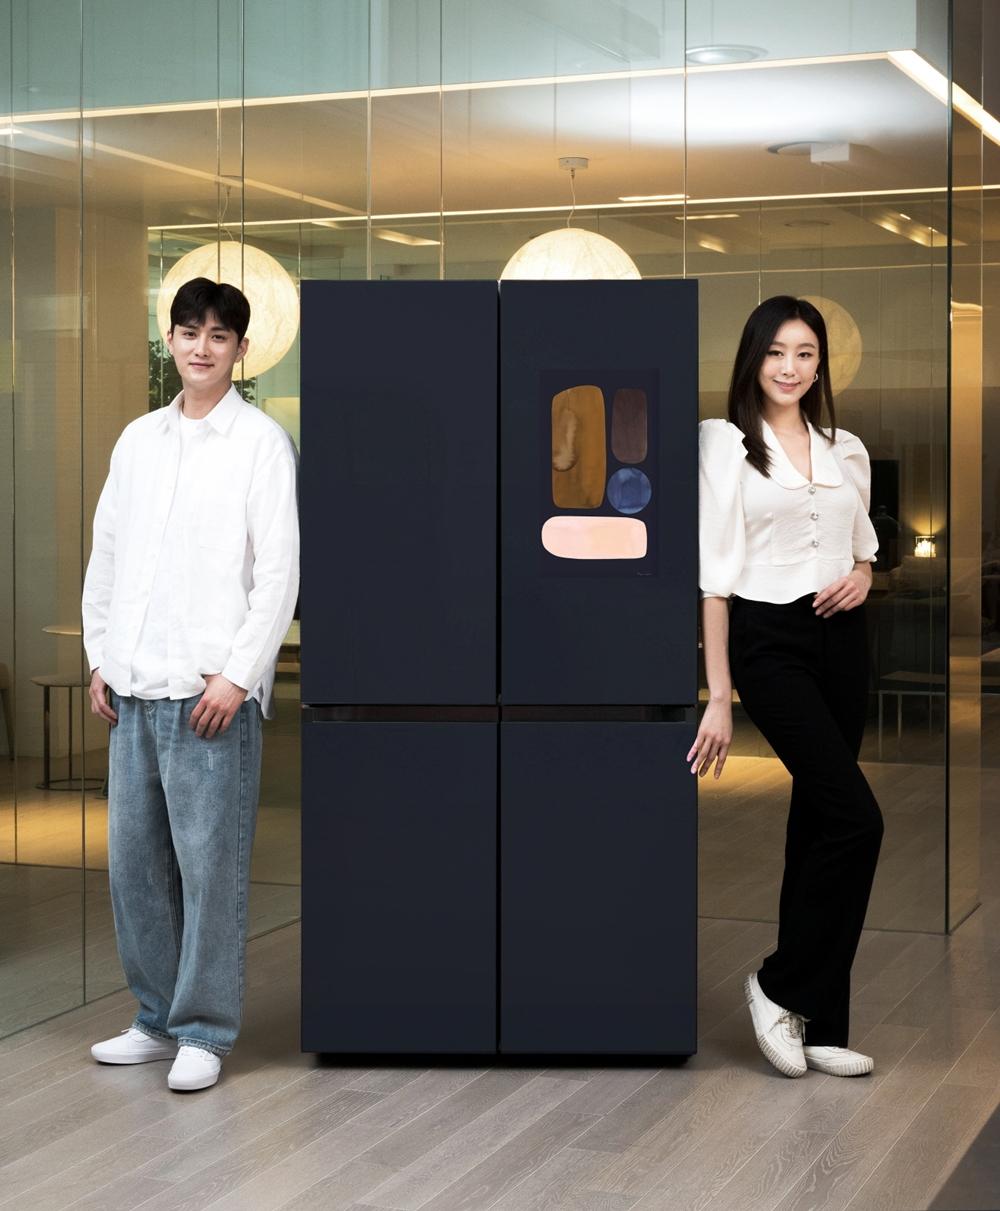 패밀리허브 적용한 비스포크 냉장고 출시(4)